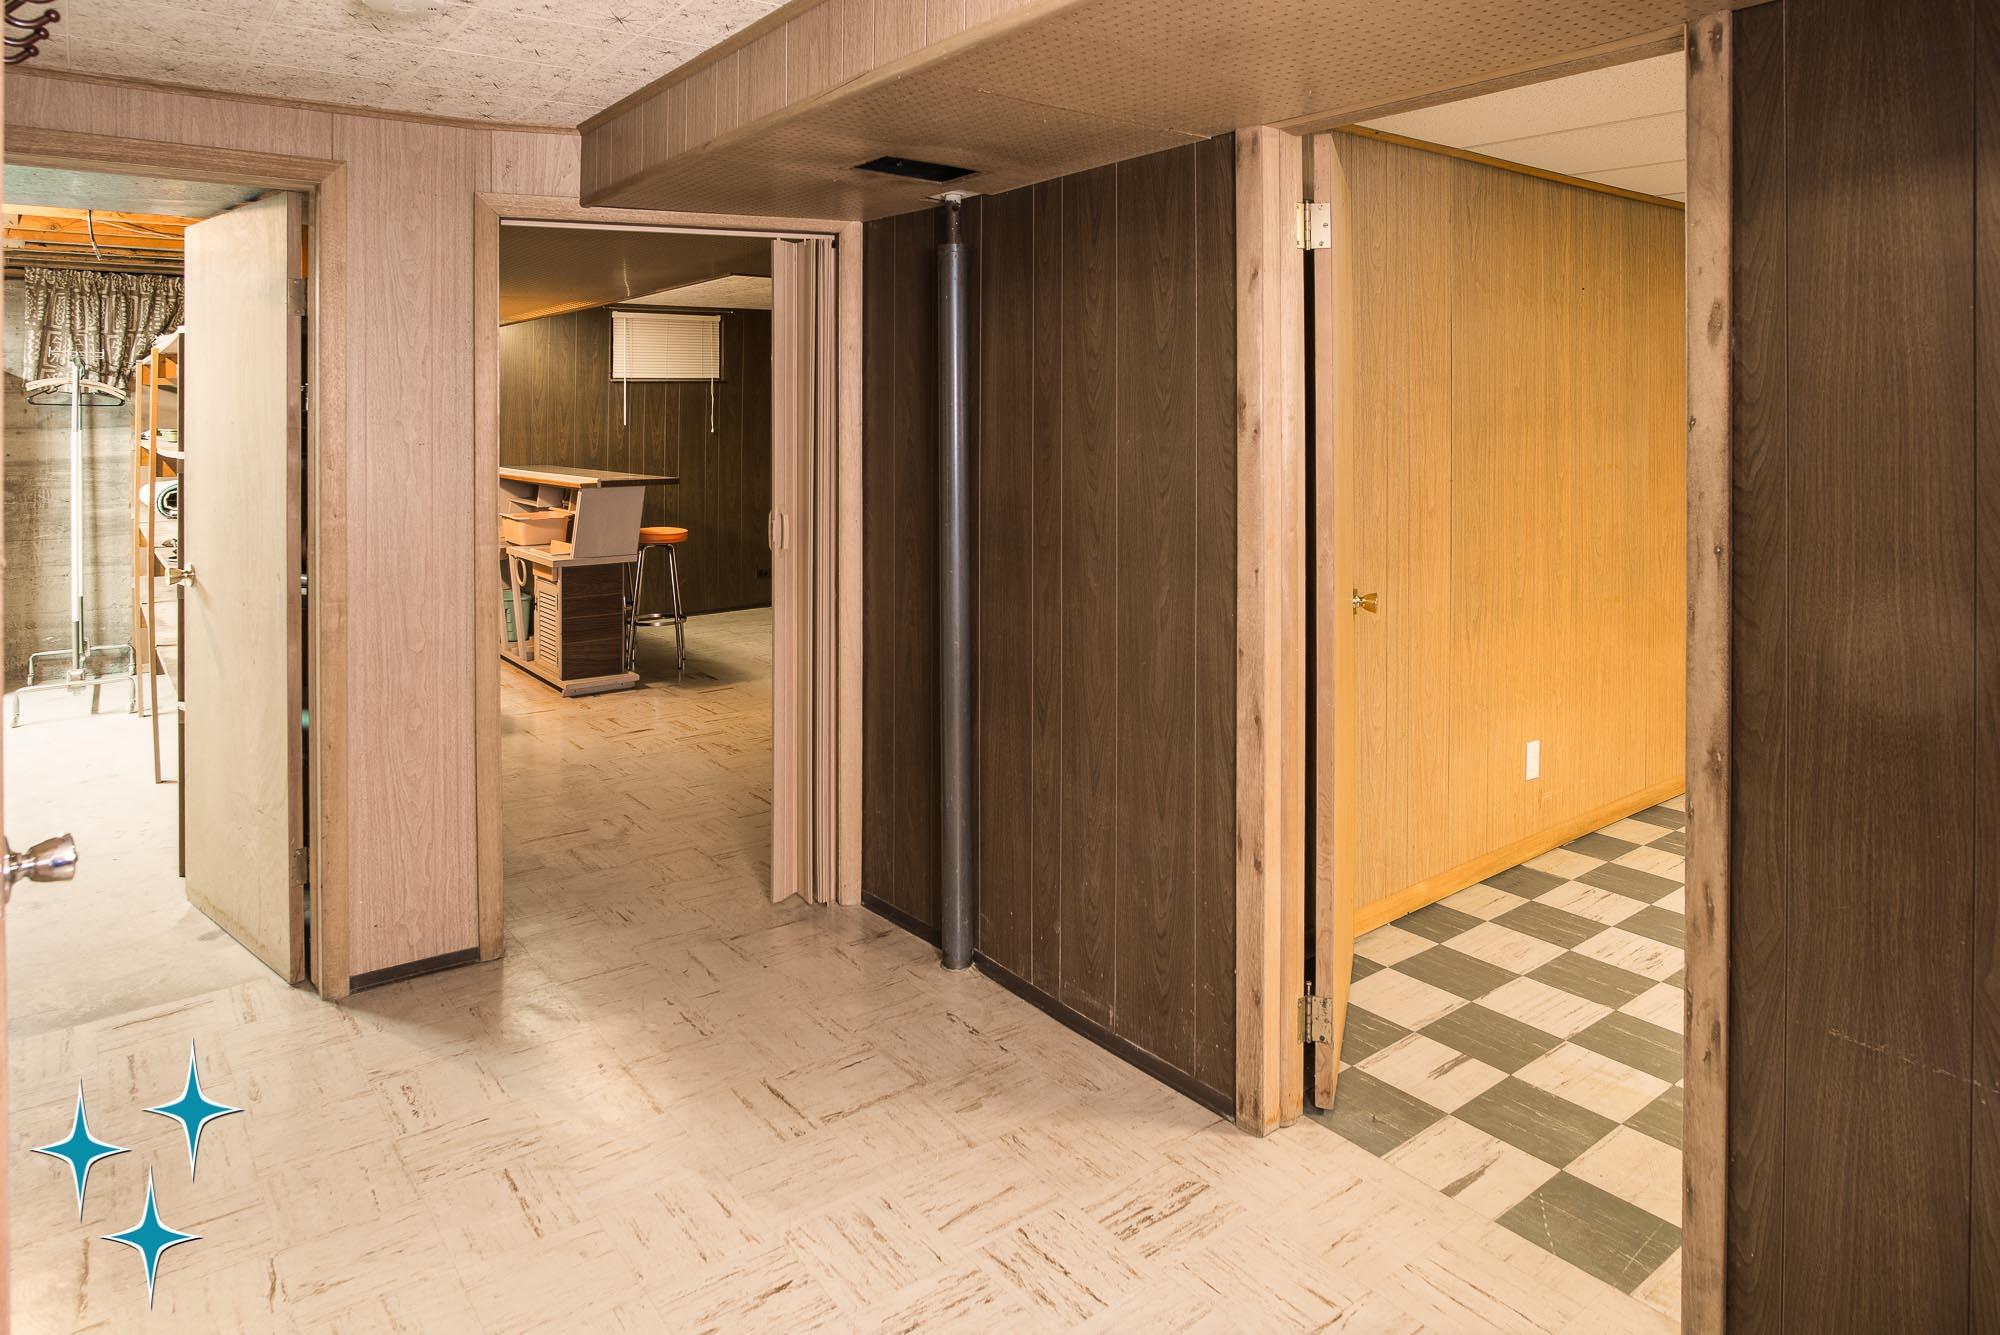 Adrian-Kinney-4155-W-Iliff-Avenue-Denver-r-Carey-Holiday-Home-2000w50-3SWM-42.jpg